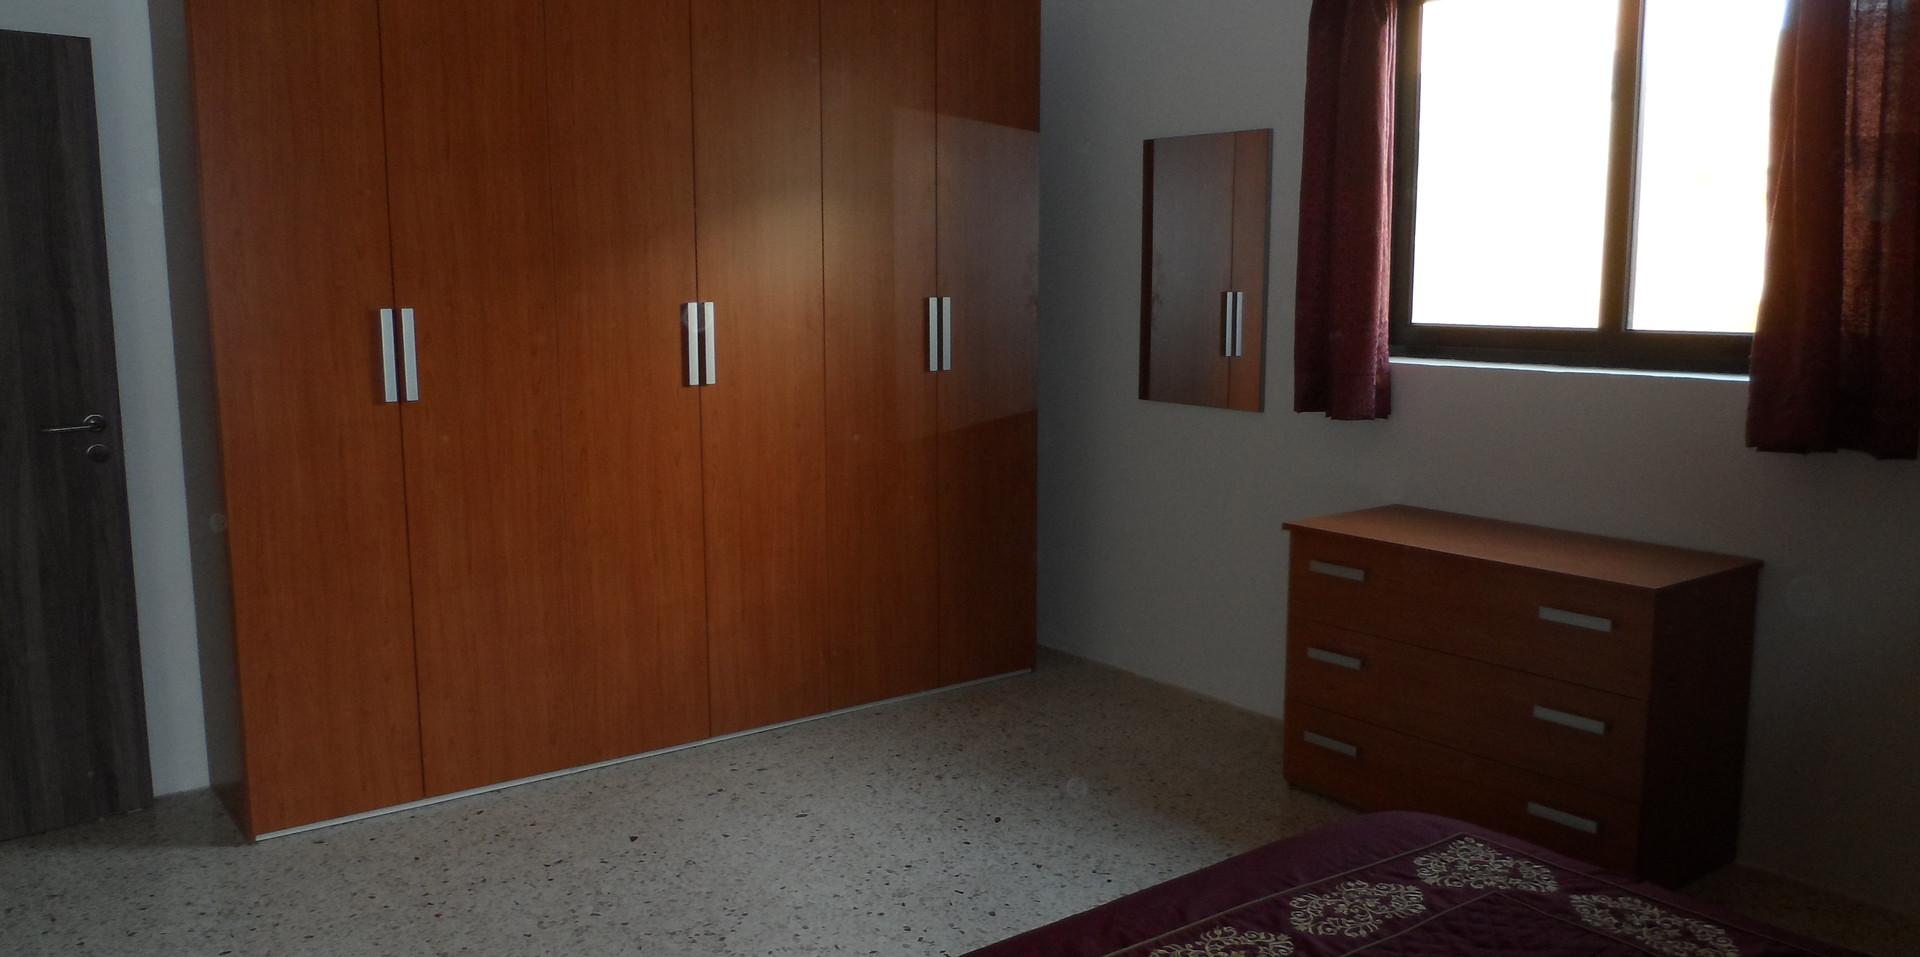 20 - Master Bedroom 3.JPG